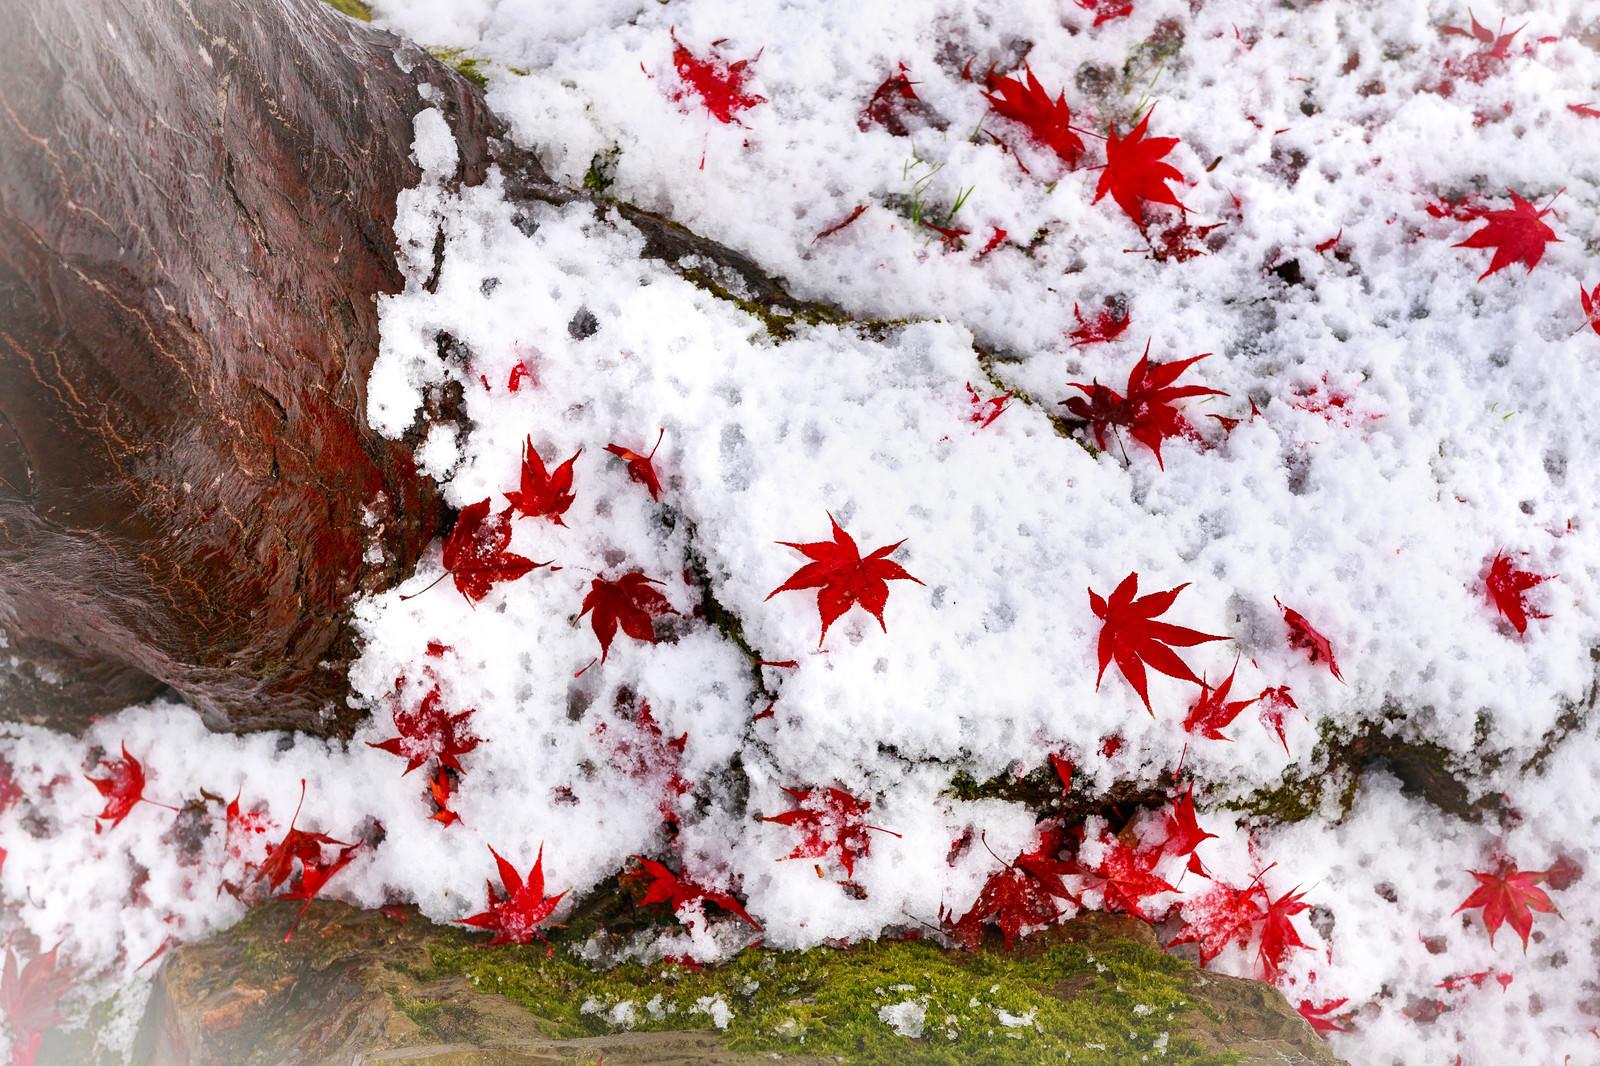 「雪の上に落ちたもみじ」の写真